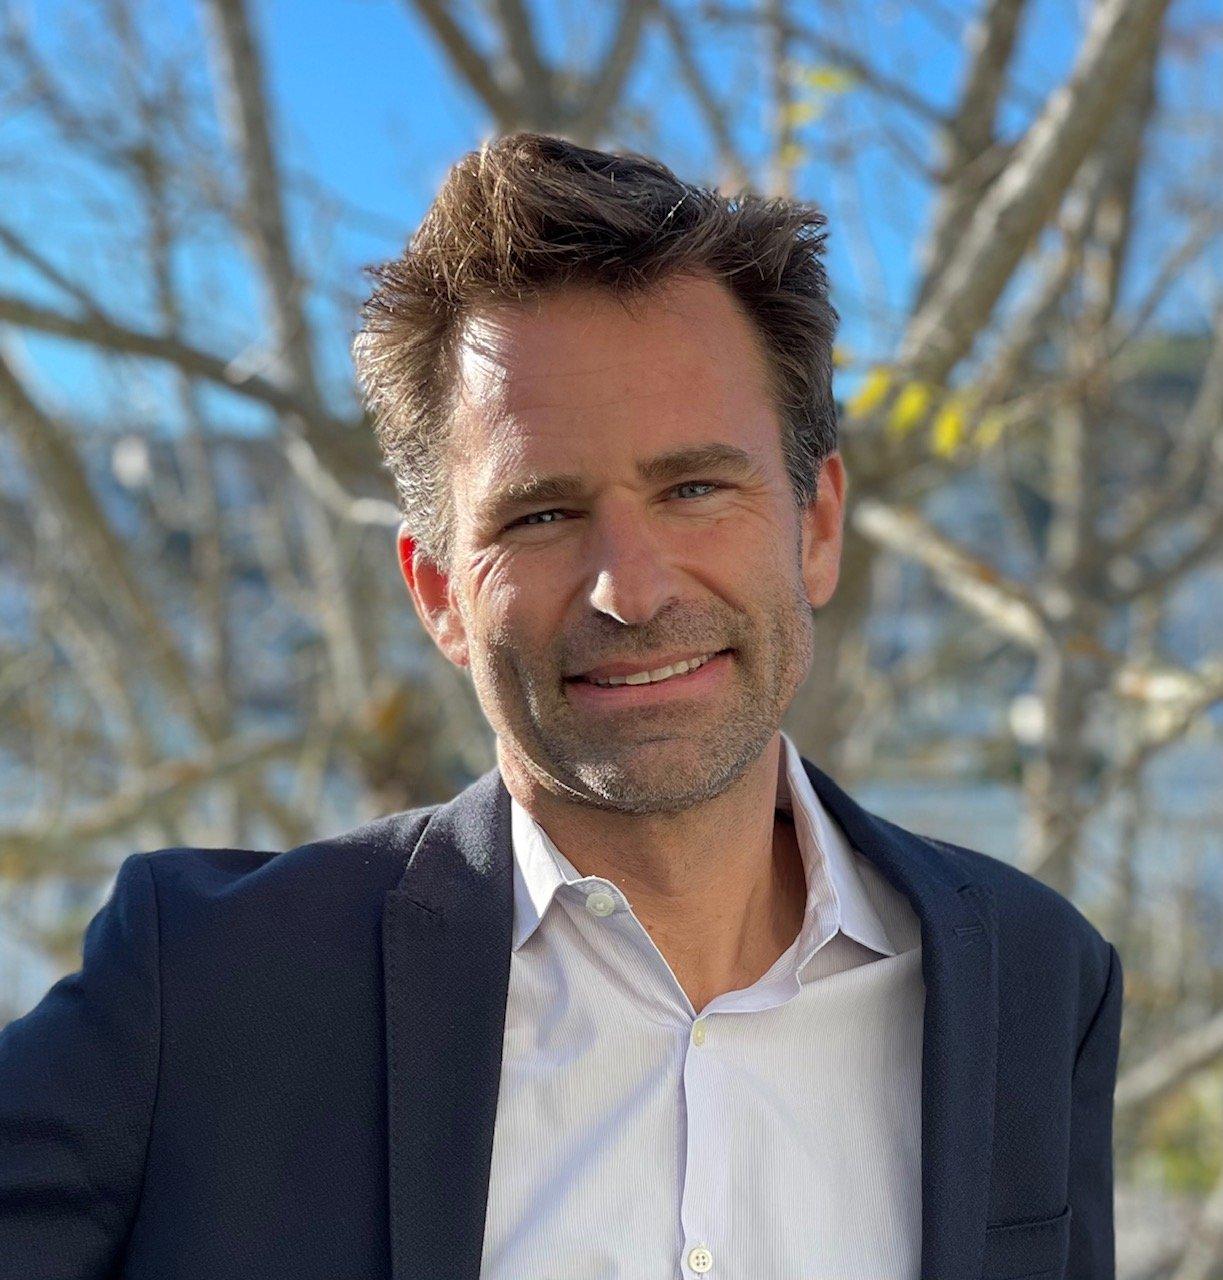 Antoine Villata